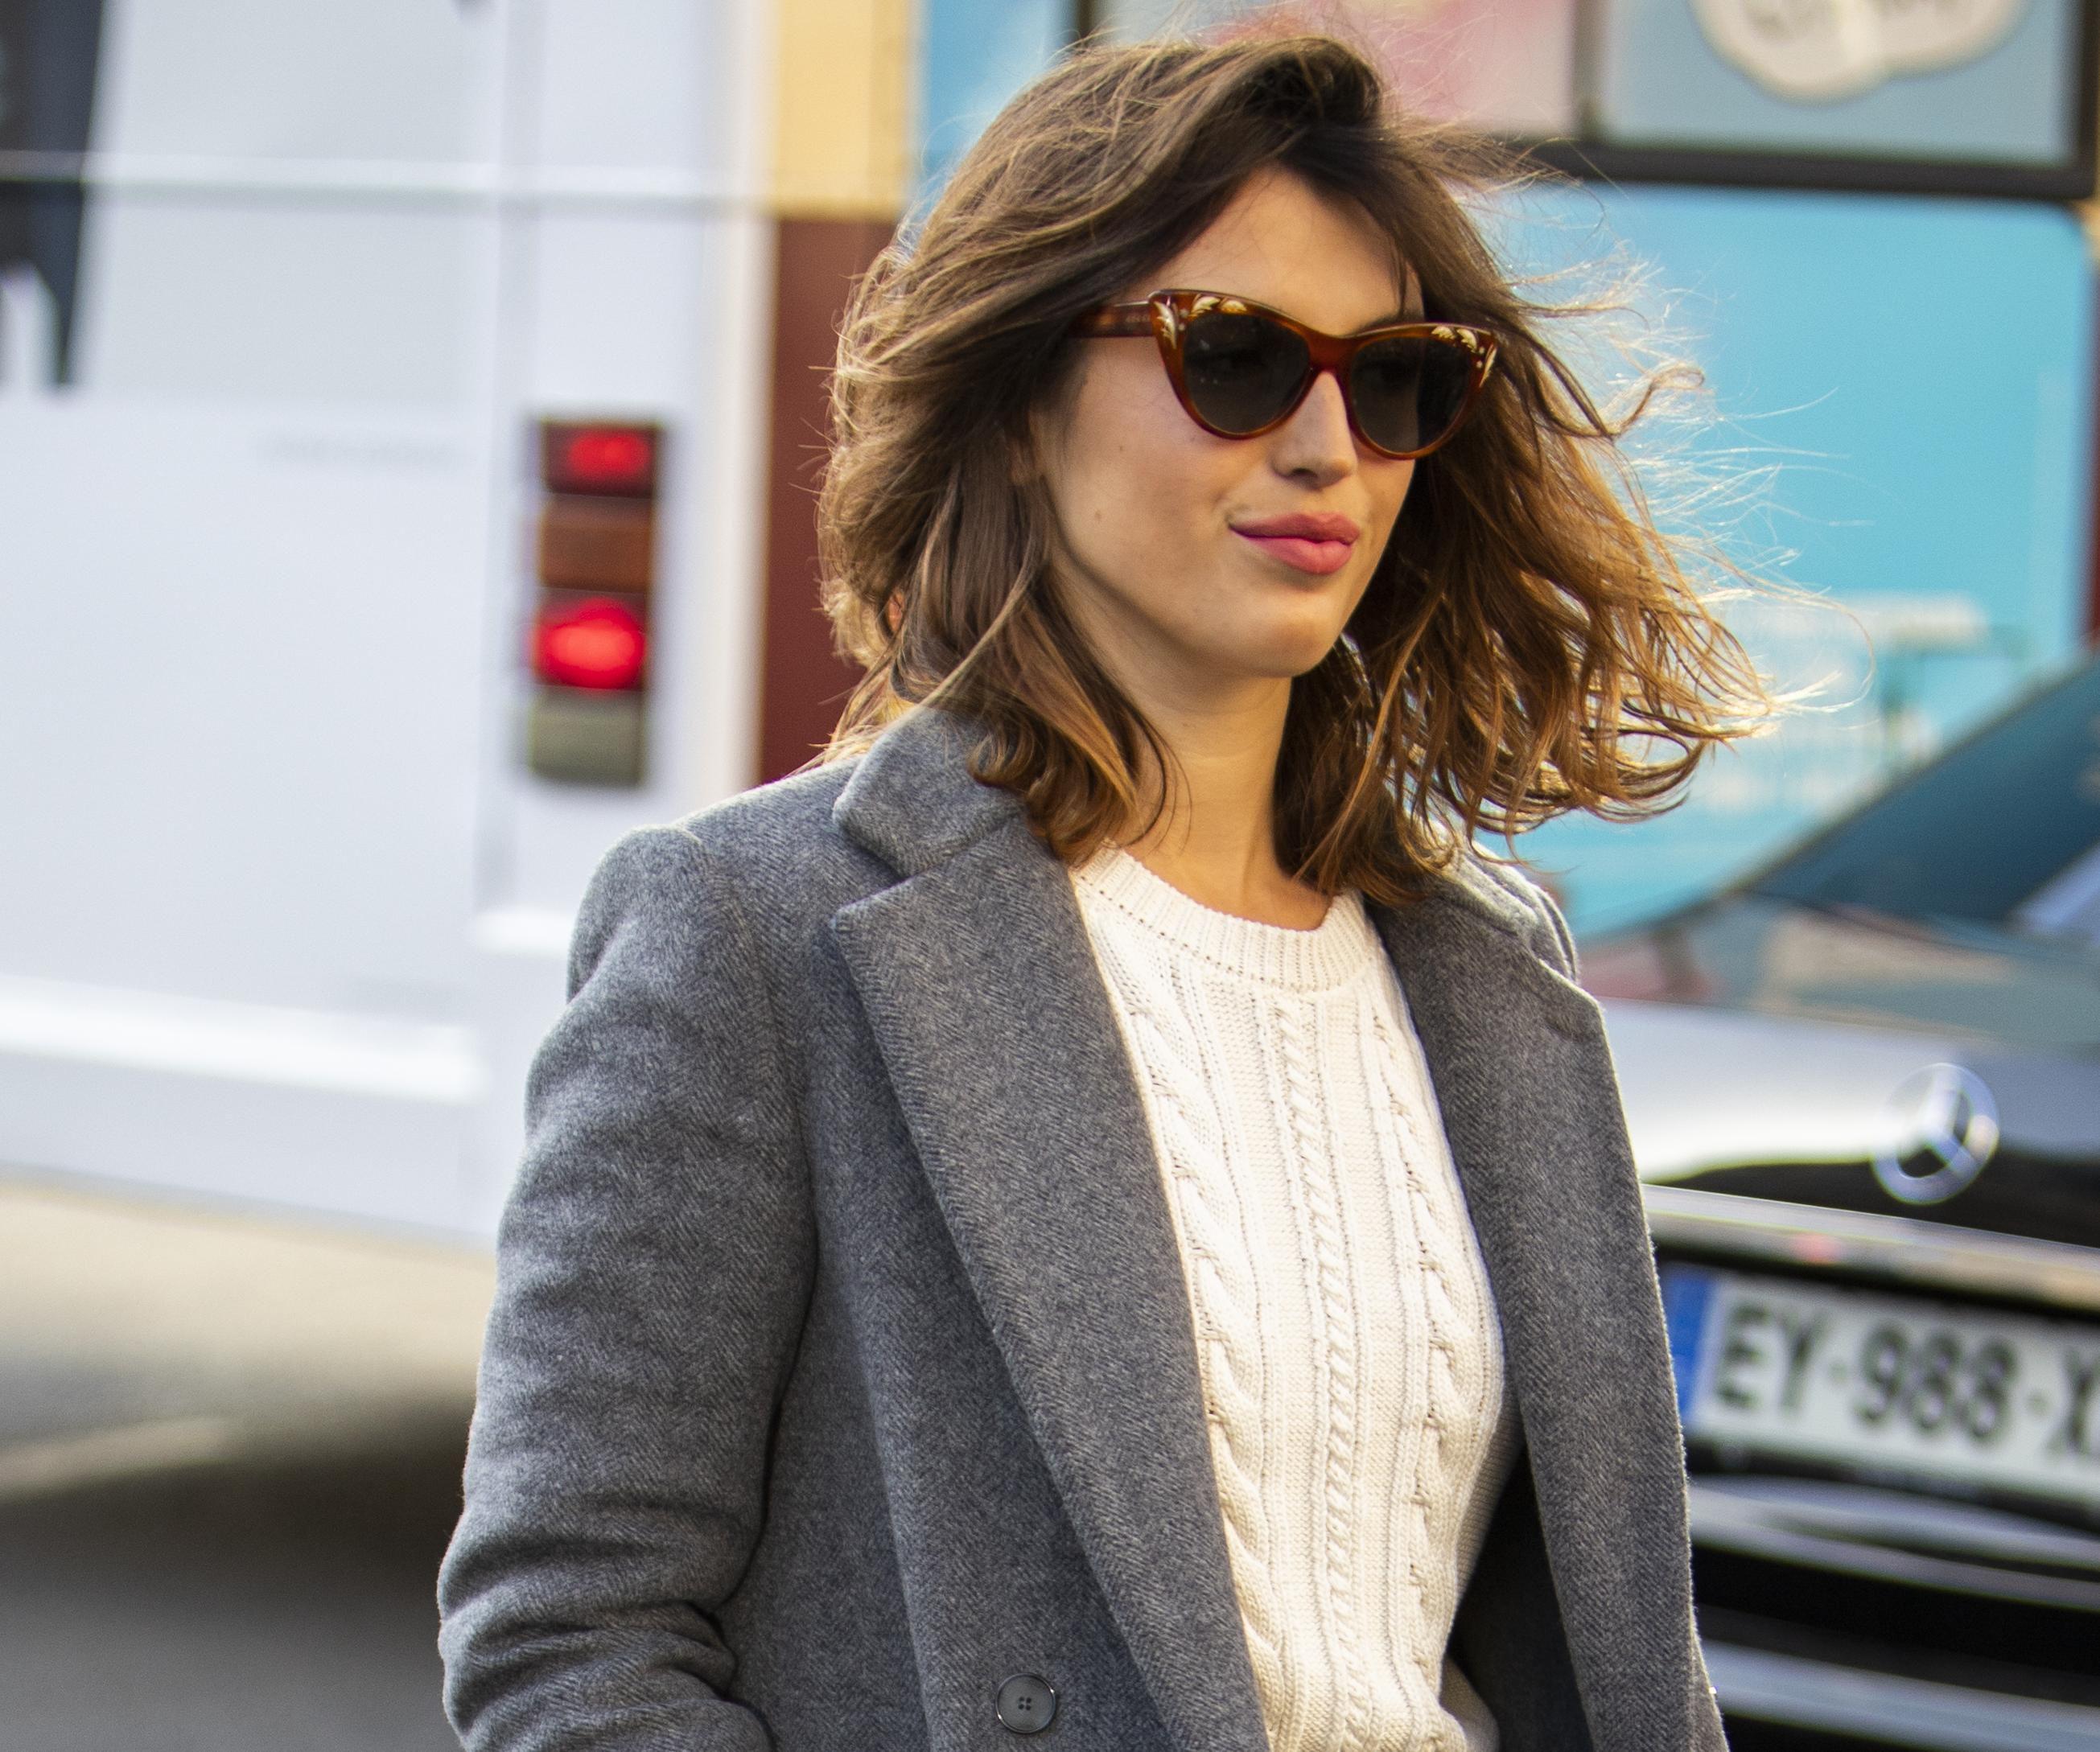 Lijepa trendseterica zna kako izgleda jesenska kombinacija koja nikad neće izaći iz mode